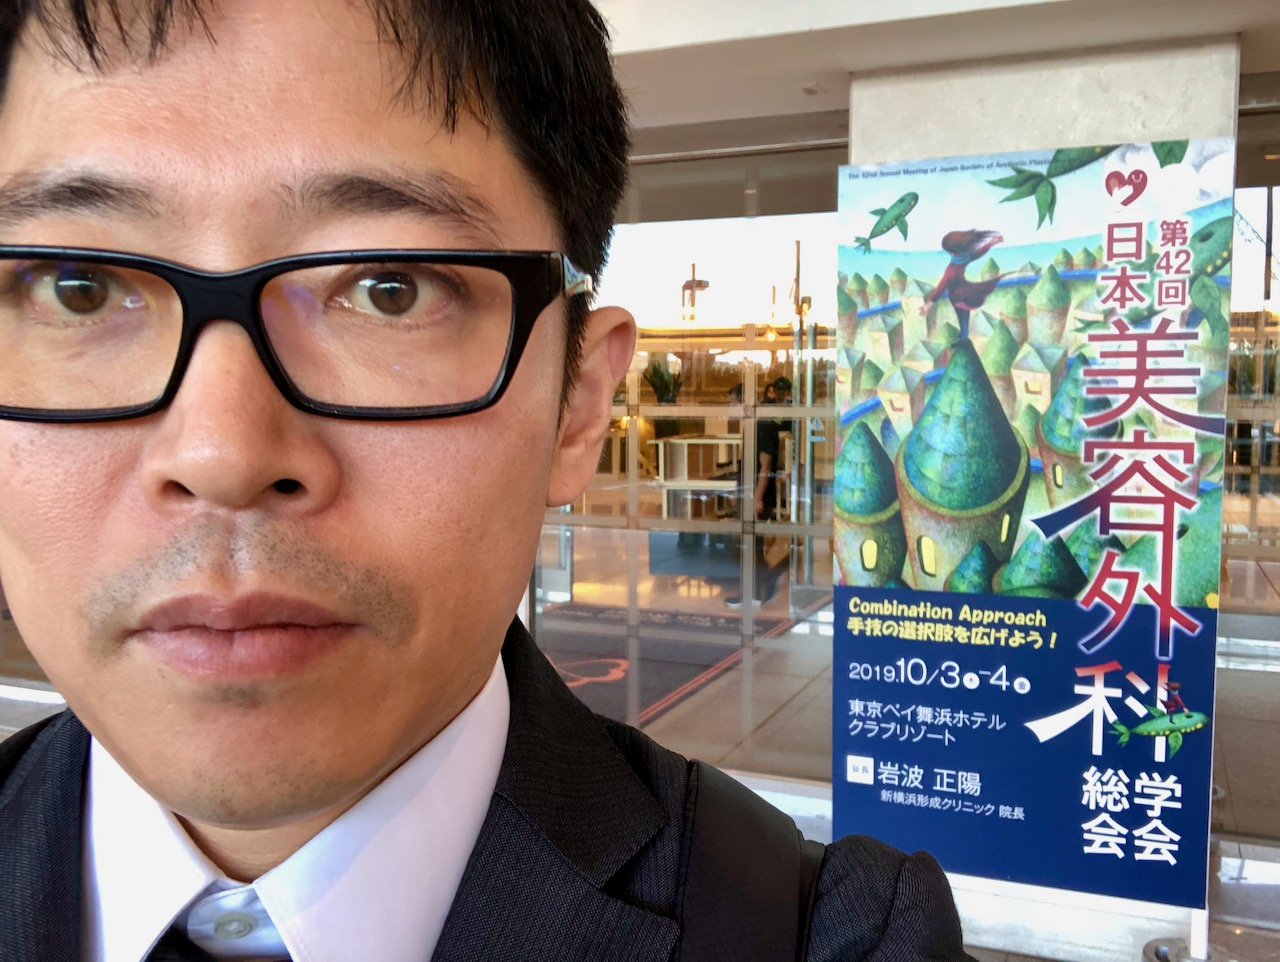 第42回日本美容外科学会 参加